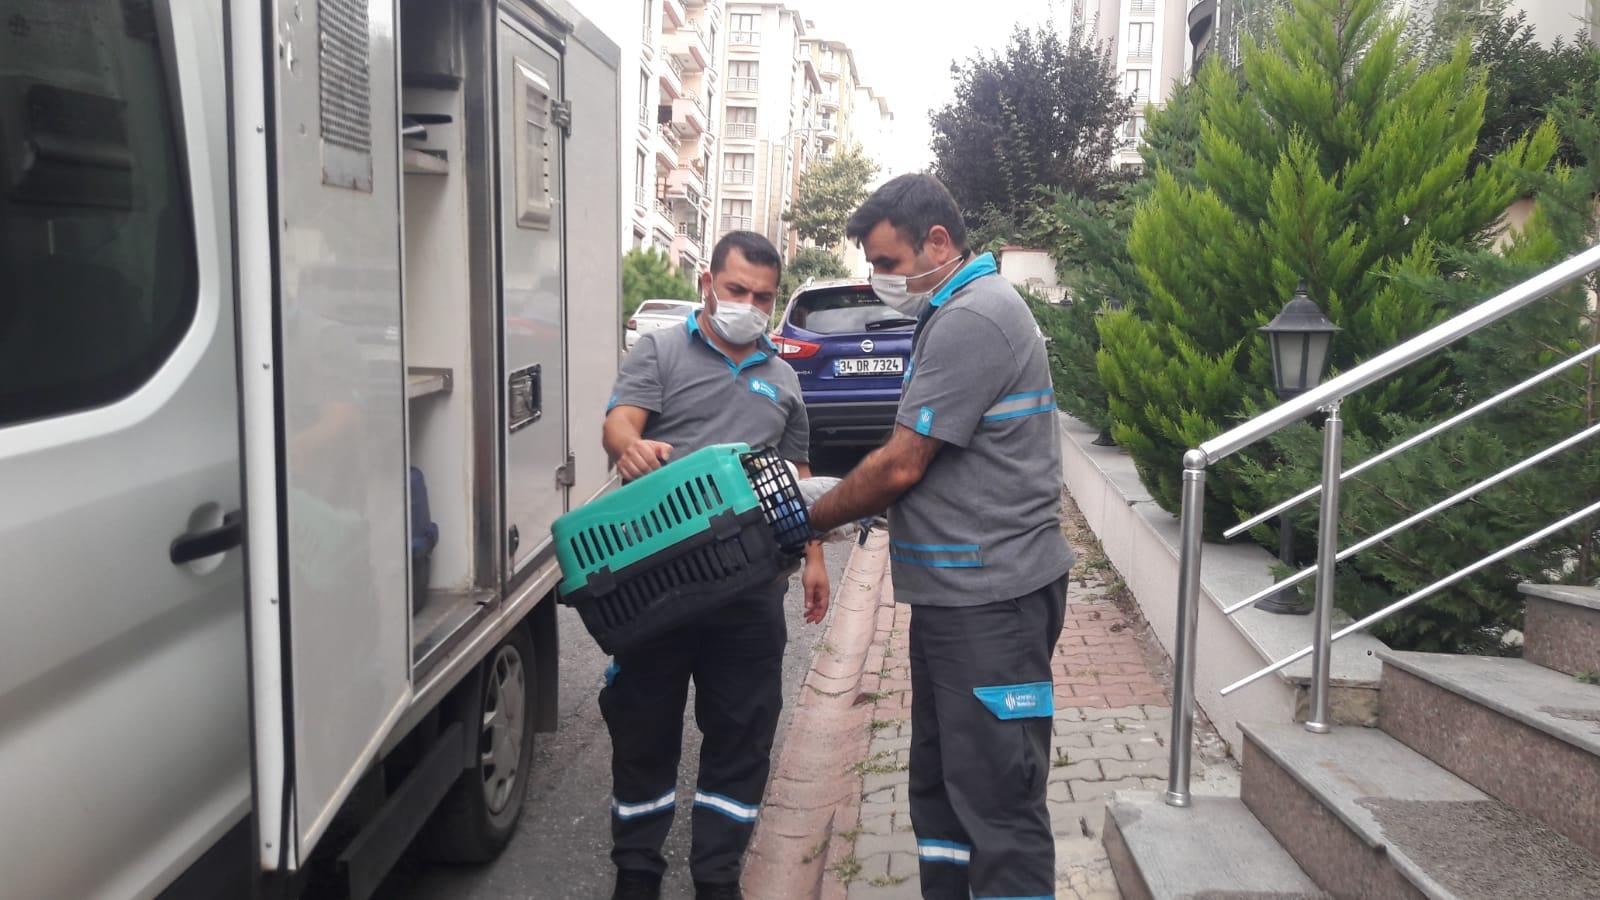 Çatıdaki Yaralı Martıya Belediye Ekipleri Müdahale Etti